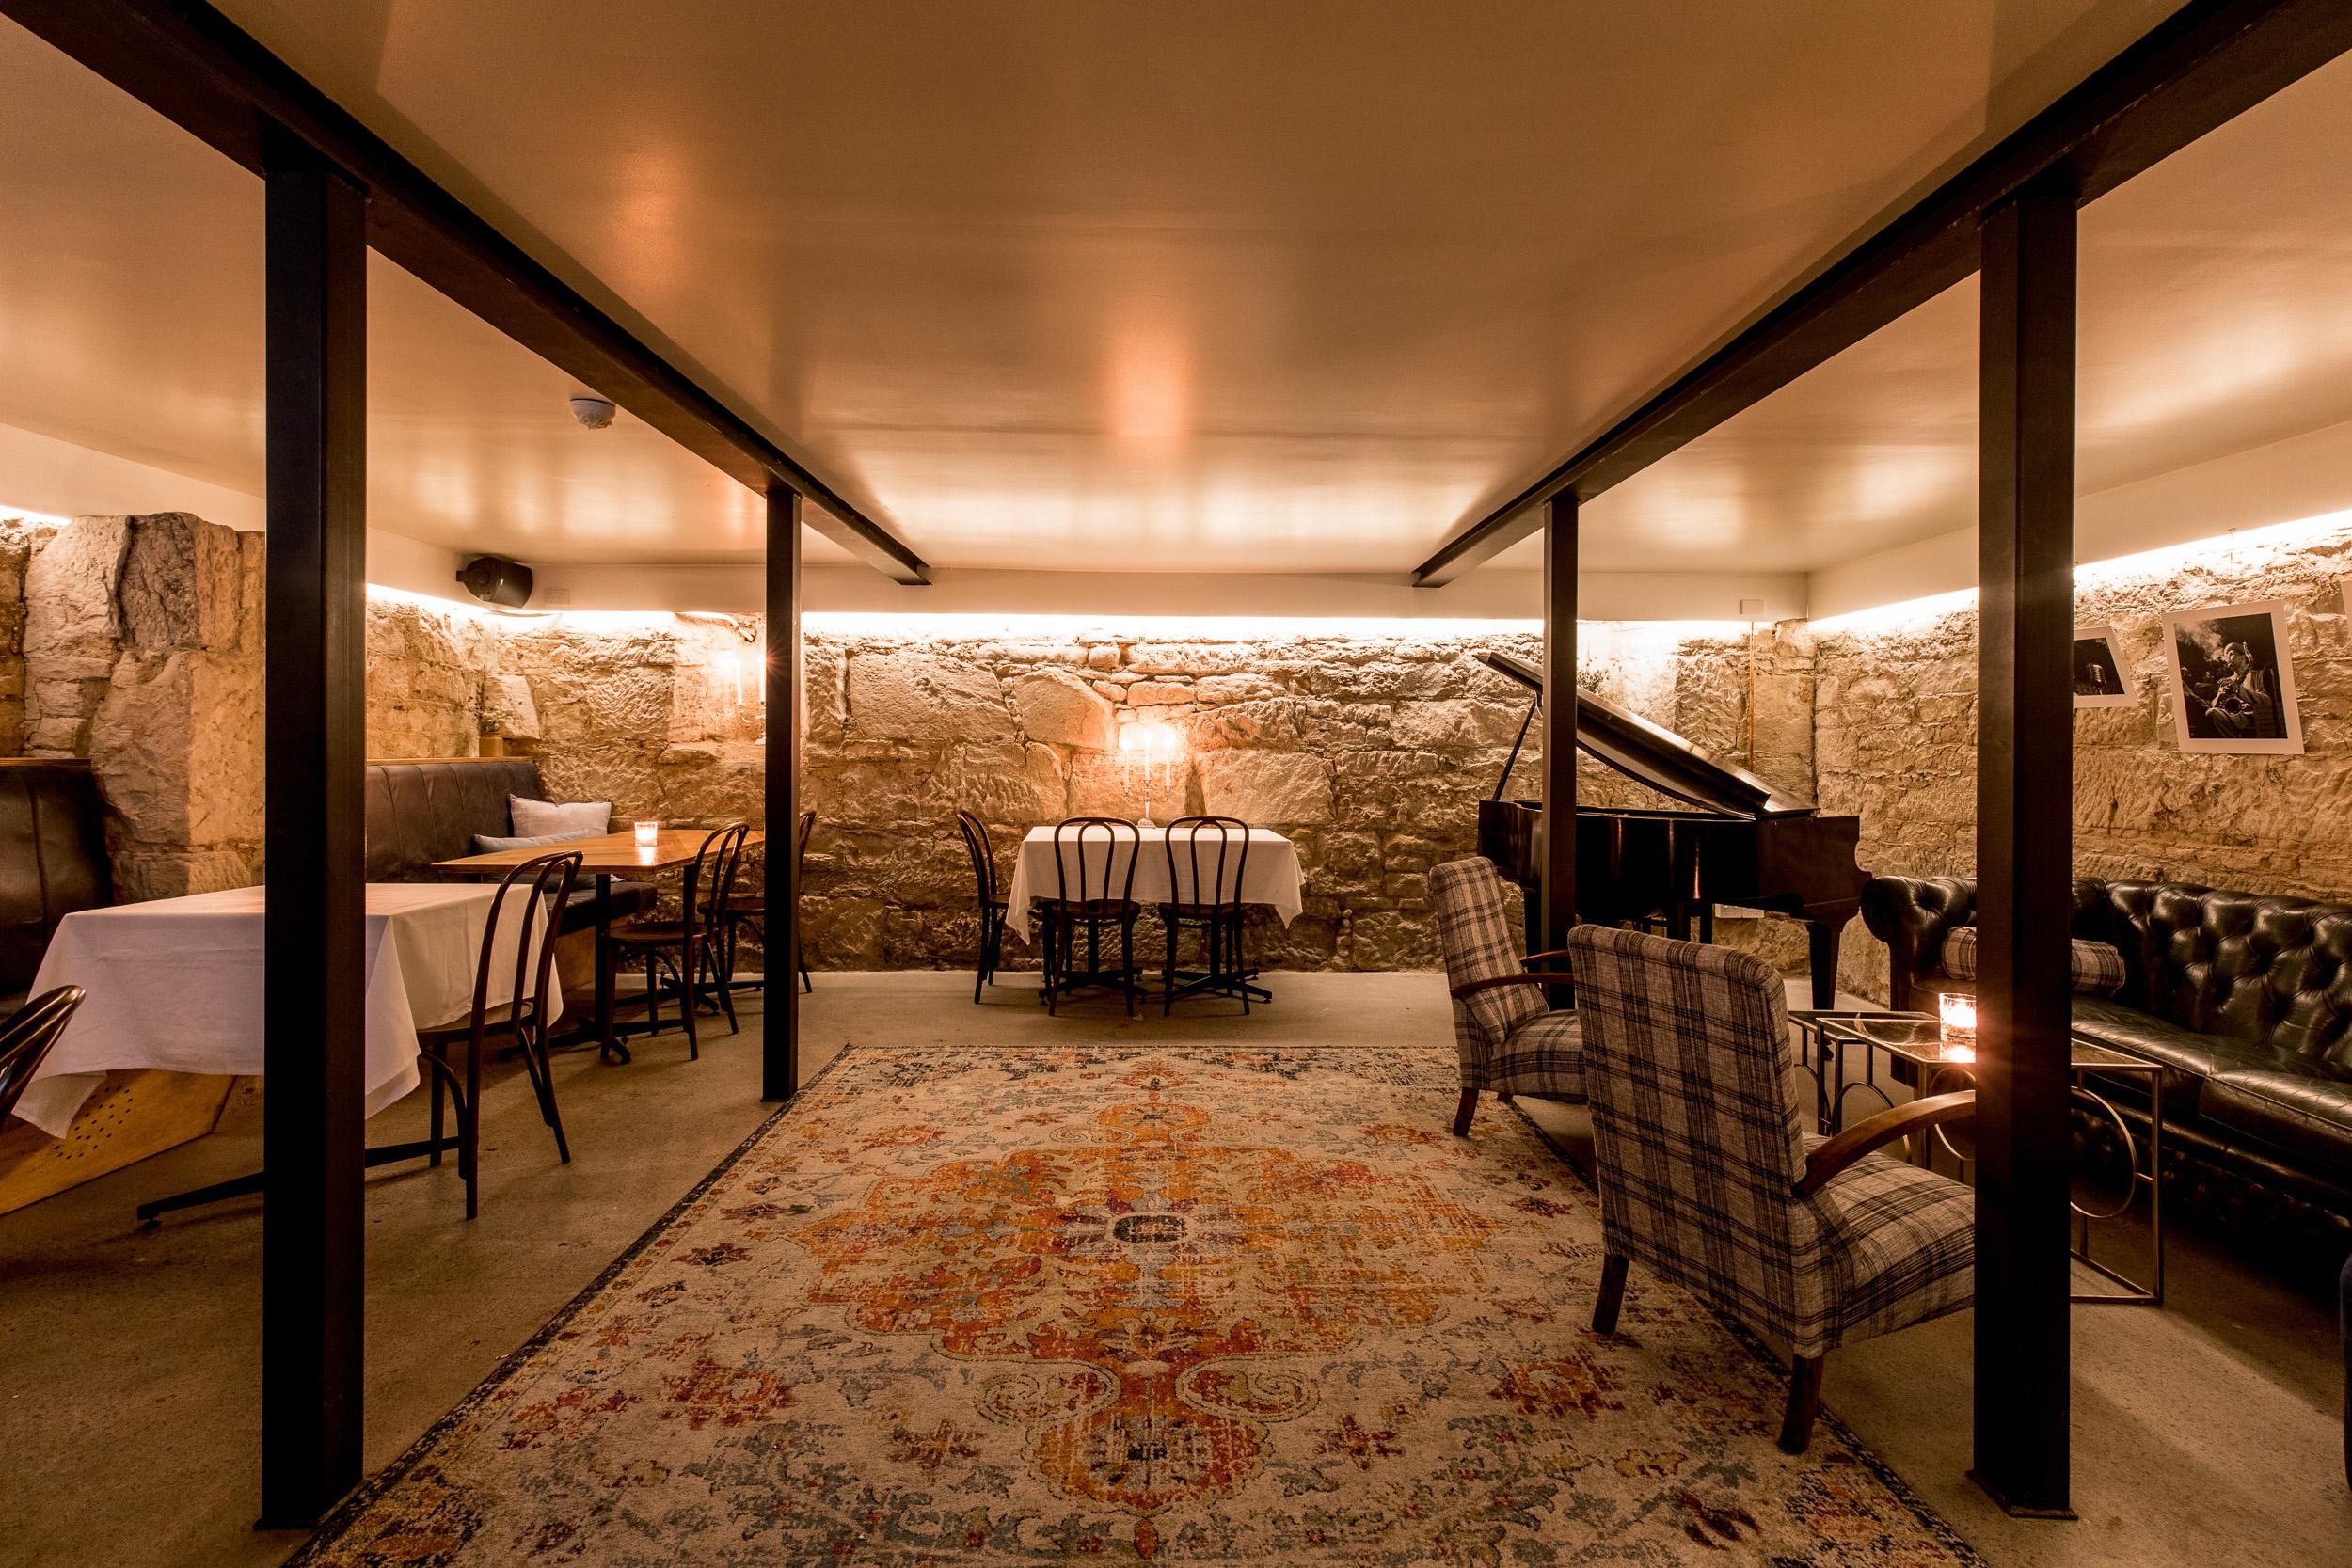 Etties_Pianoroom-23.jpg